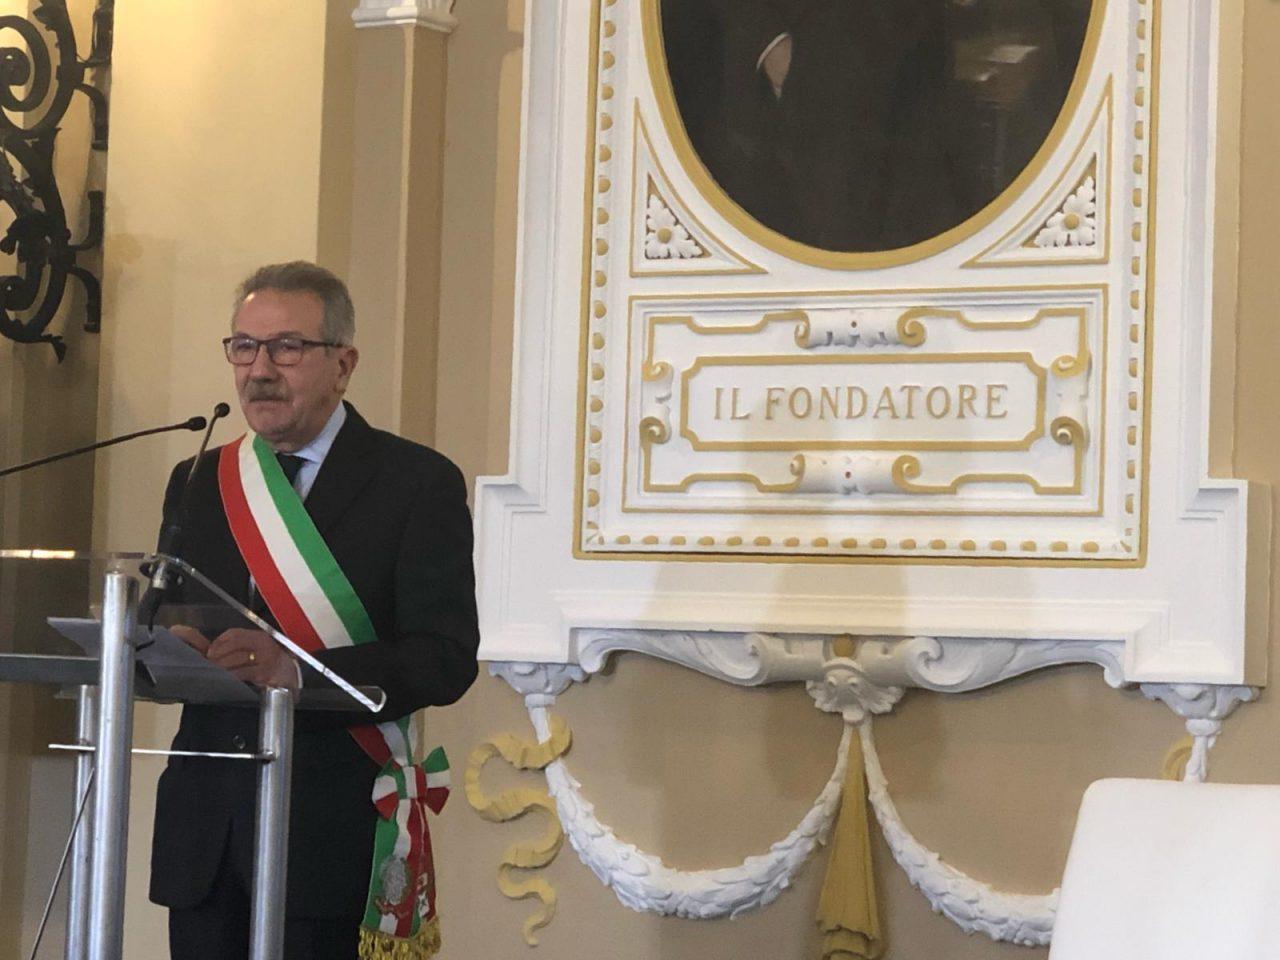 Centenario Bernocchi: via alle celebrazioni col ministro Bussetti